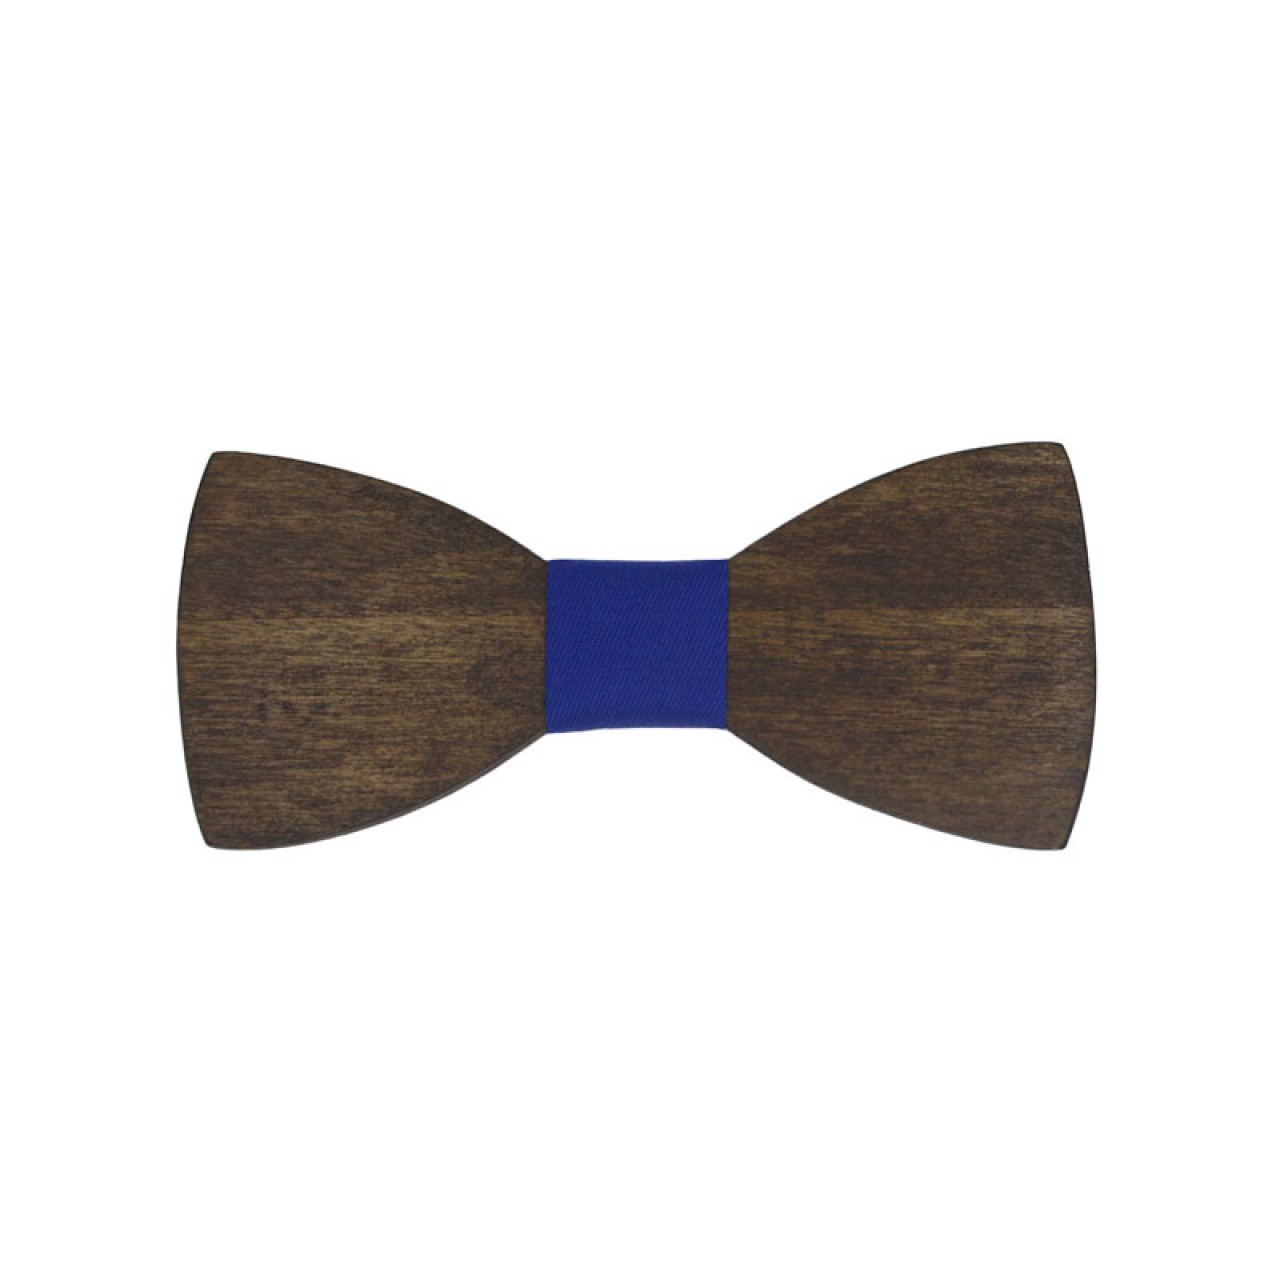 Ξύλινο Παιδικό Παπιγιόν Καρυδιά Με Μπλε Ρουά Κόμπο 2 έως 6 Χρονών - 3943